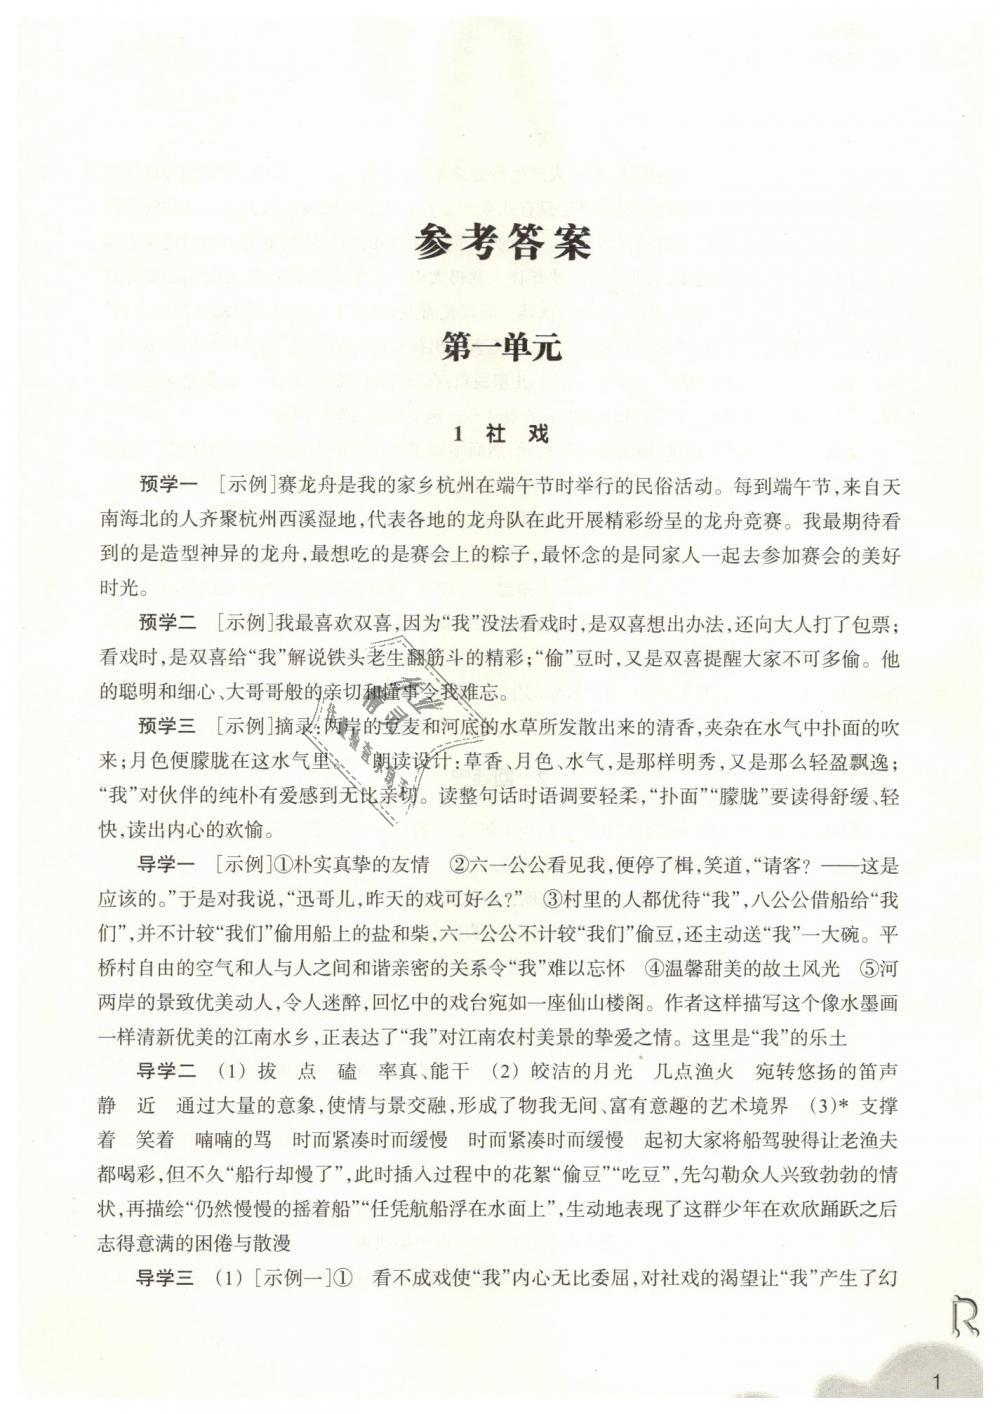 2019年作业本八年级语文下册人教版浙江教育出版社第1页